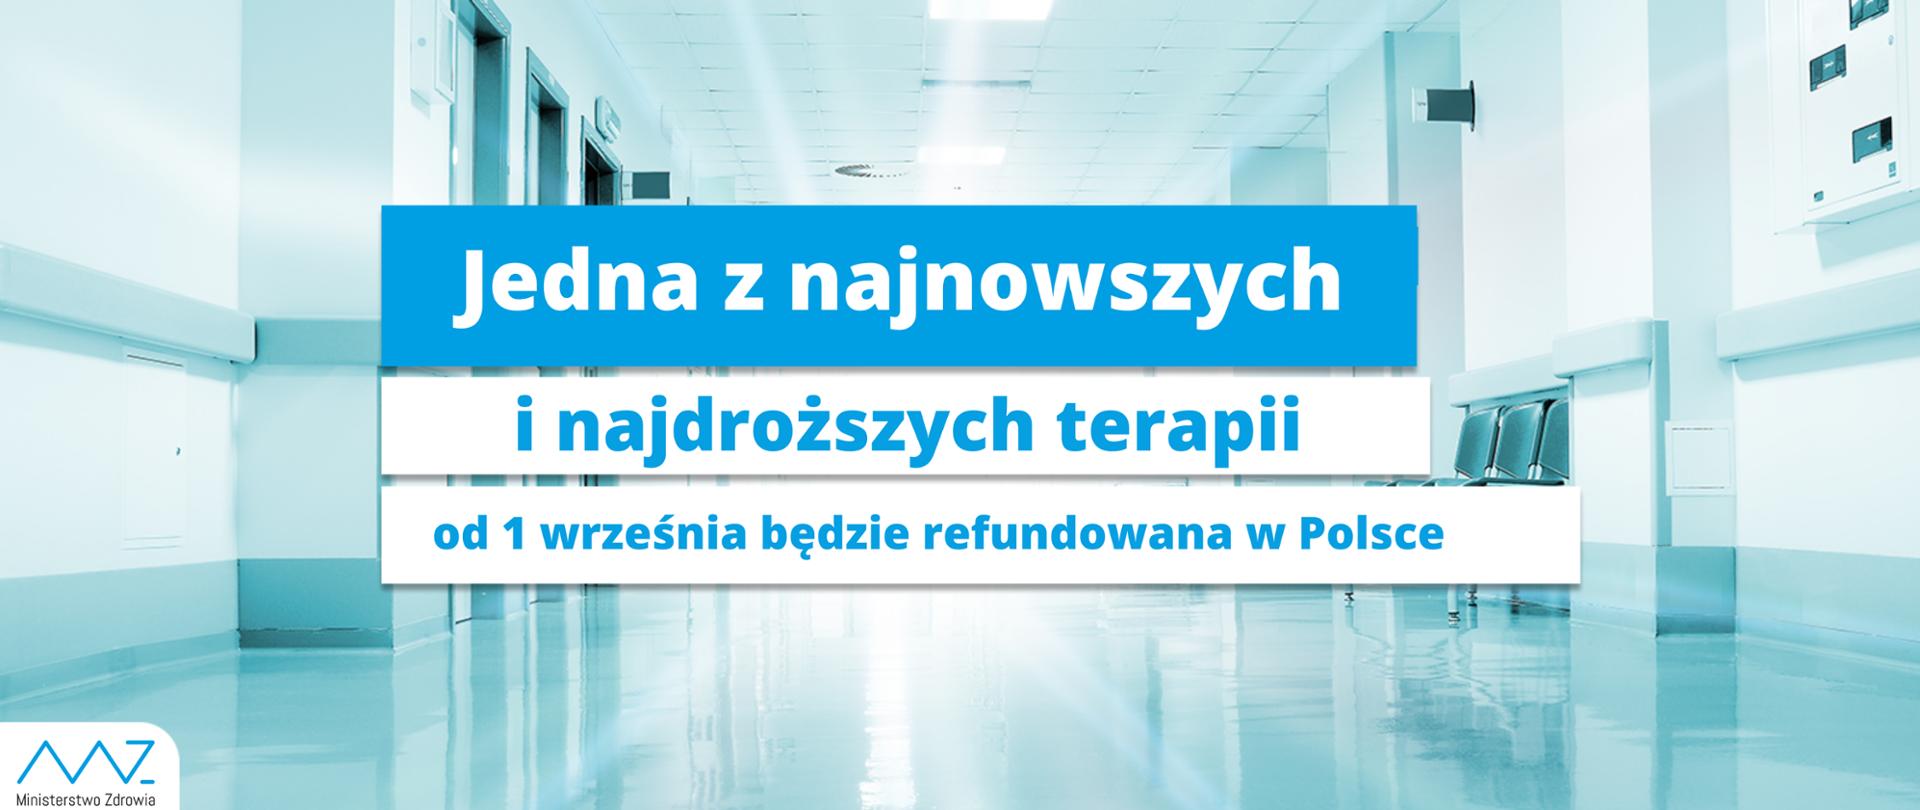 Jedna z najnowszych i najdroższych terapii od 1 września będzie refundowana w Polsce